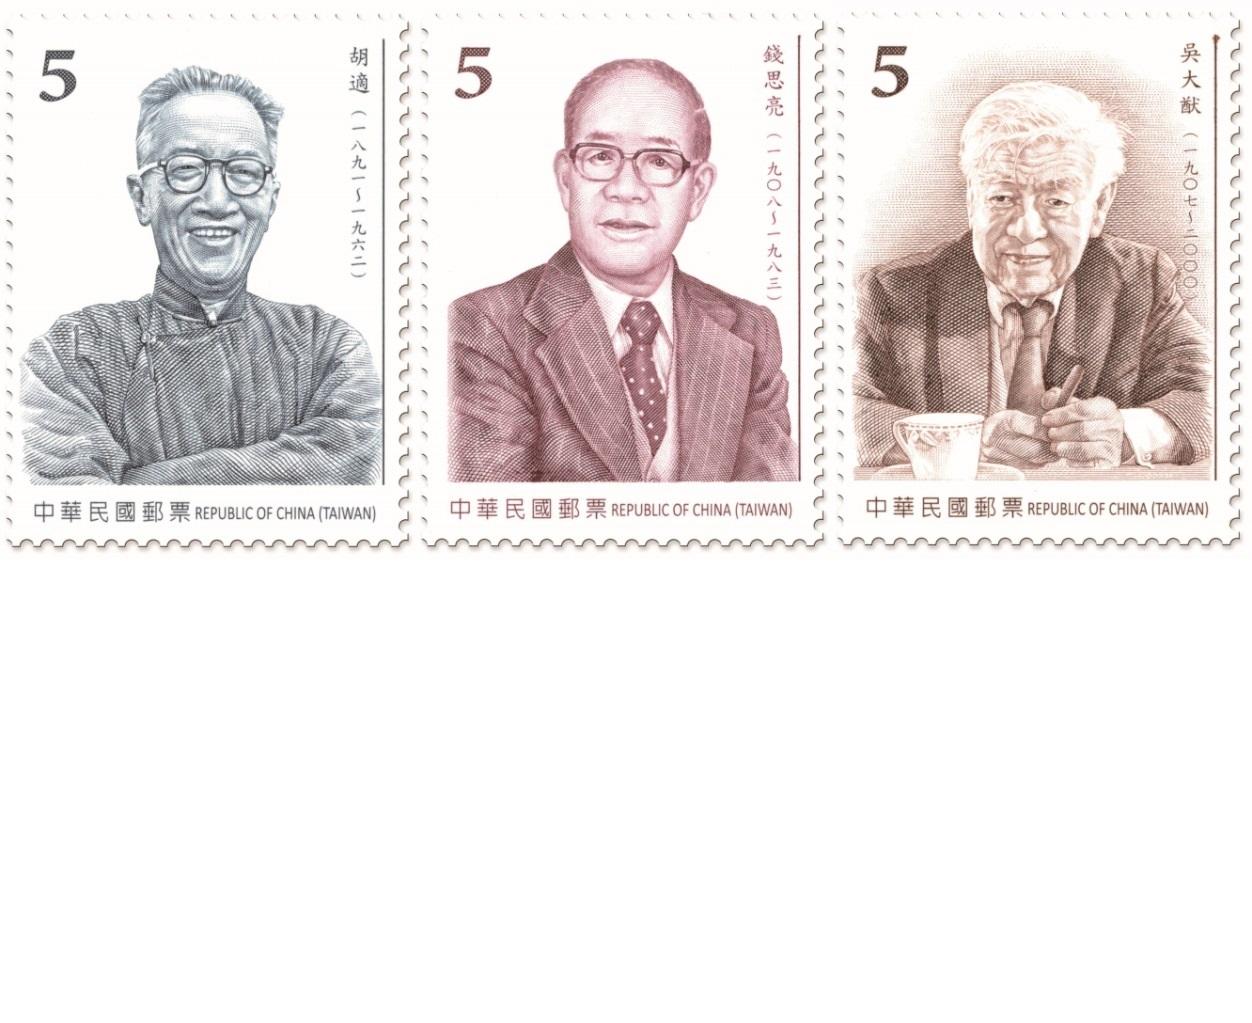 名人肖像郵票-胡適、錢思亮、吳大猷